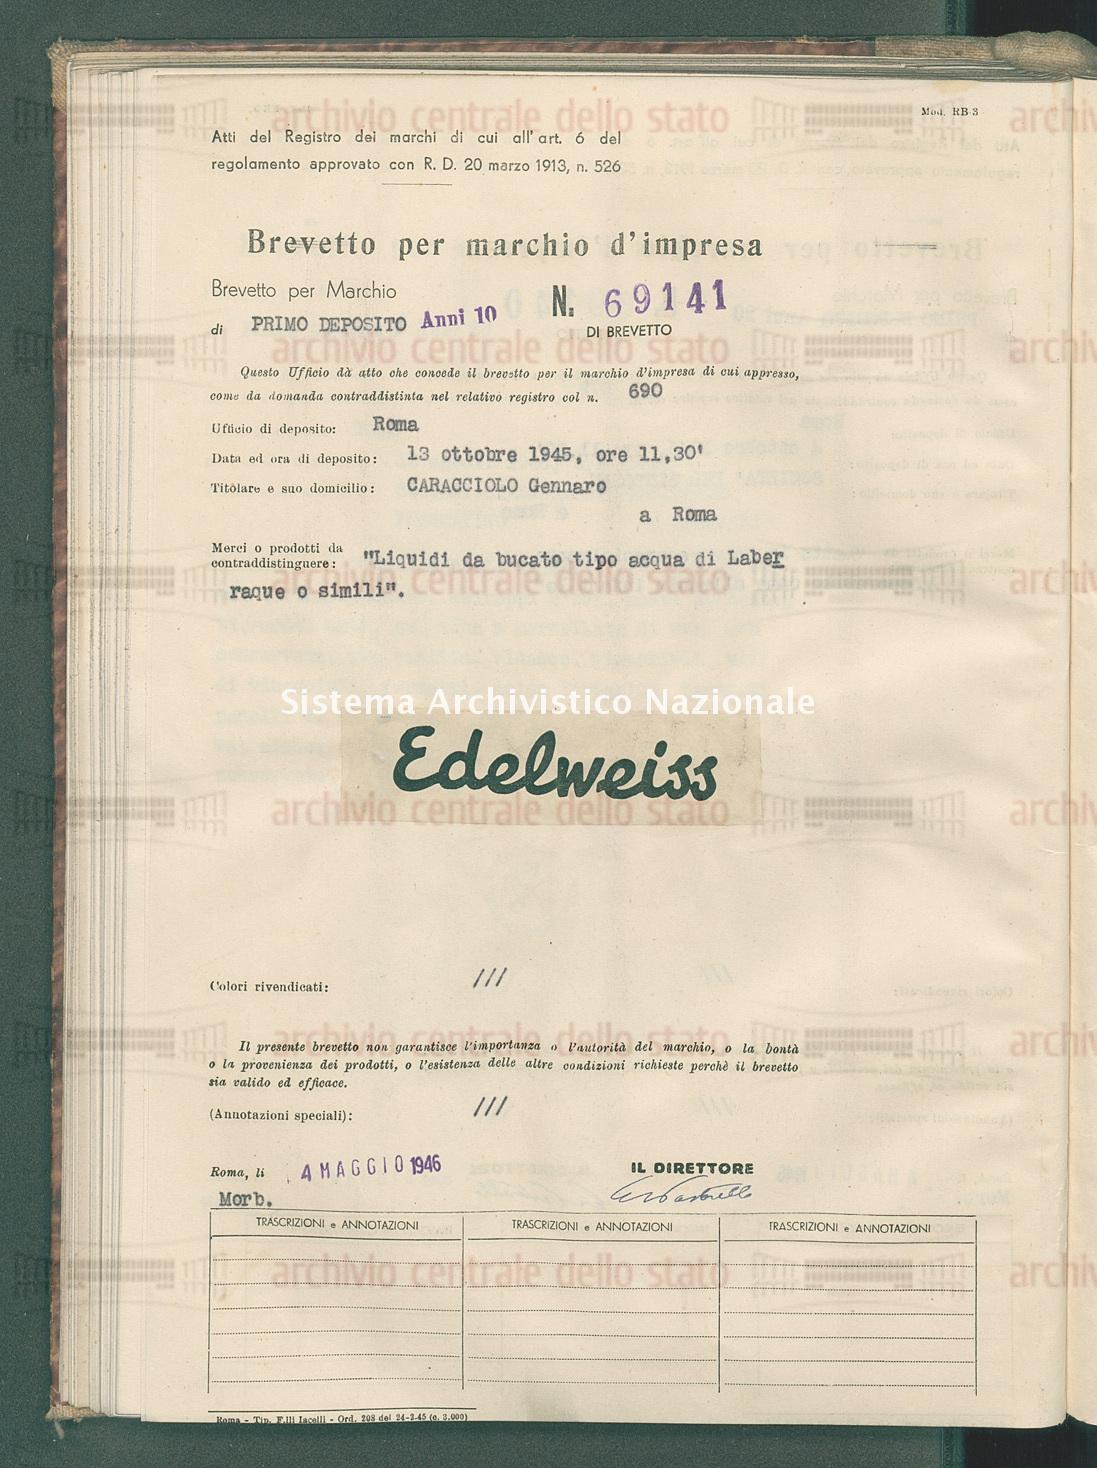 'Liquidi da bucato tipo acqua di laberraque o simili' Caracciolo Gennaro (04/05/1946)